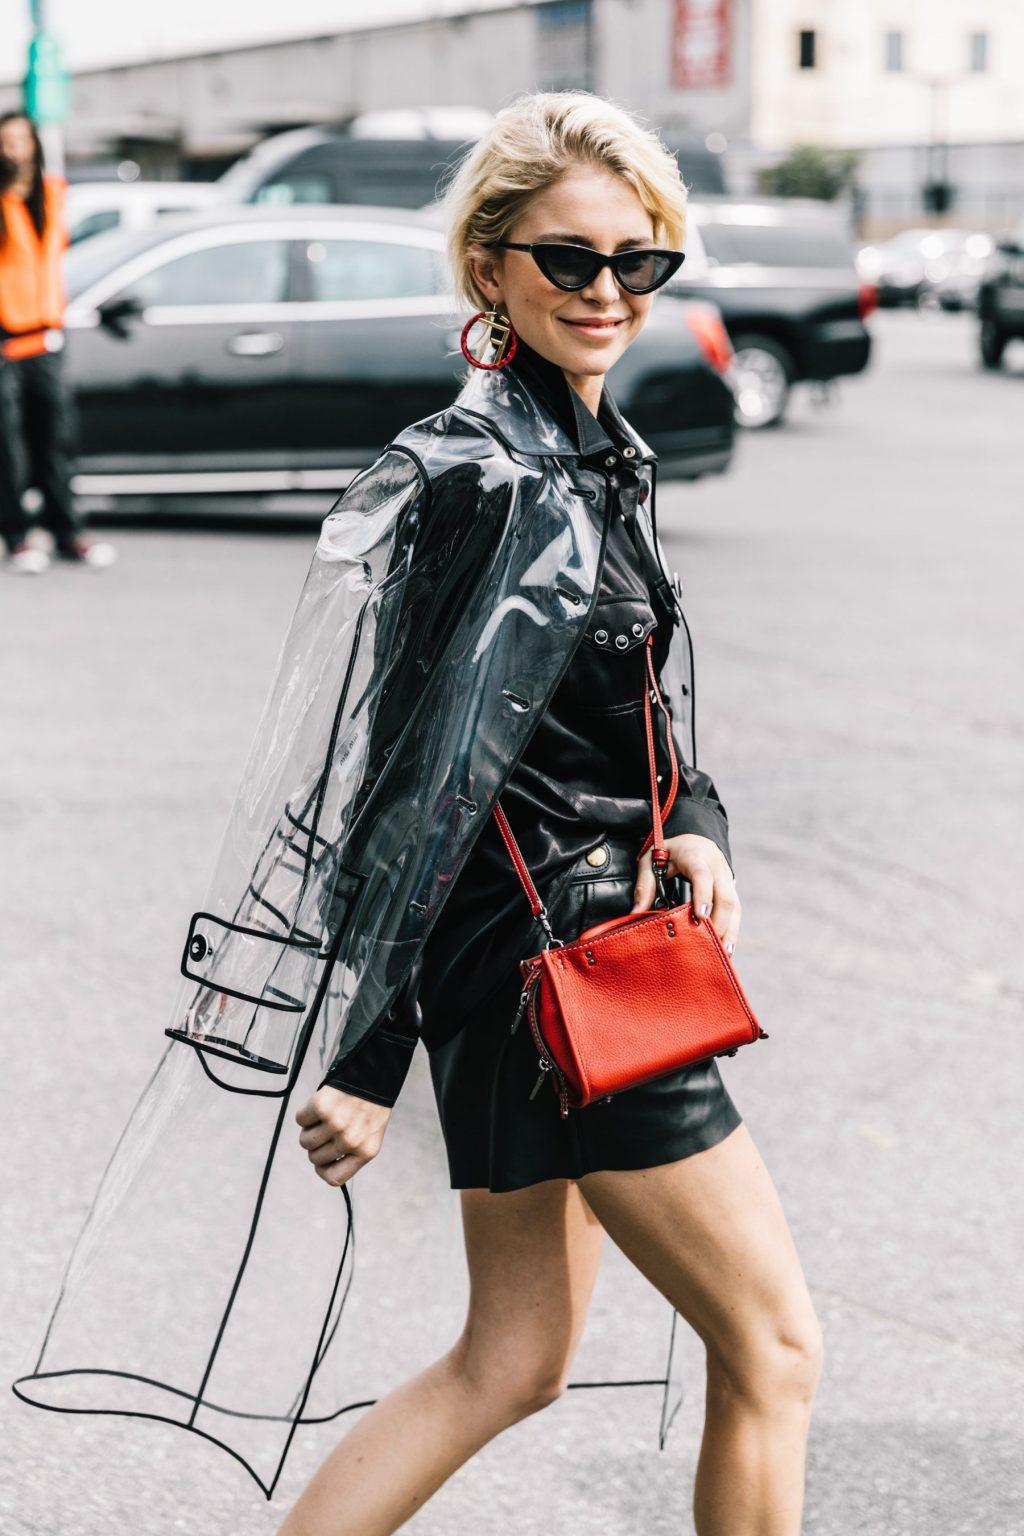 xu hướng thời trang nhựa 16